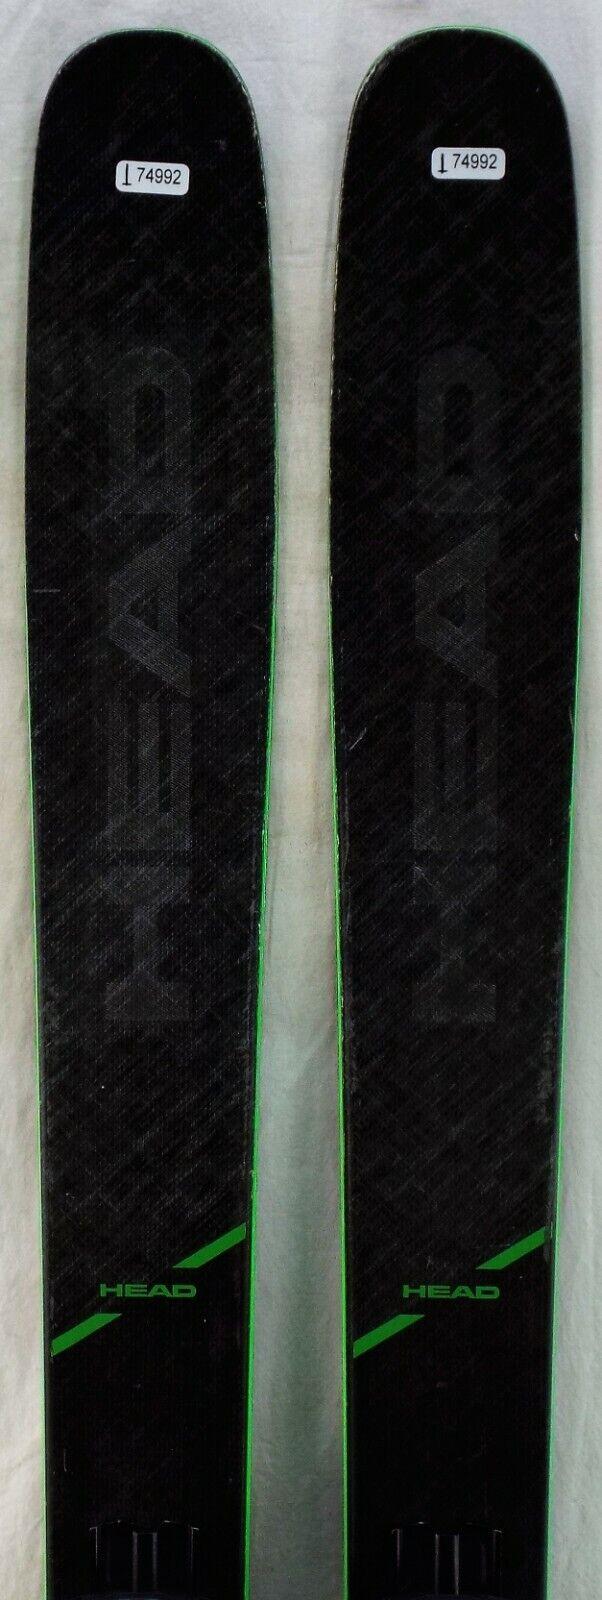 19-20 Head Kore 105 Gebruikte Demo Ski voor mannen w Binngs Grootte 180cm 350cm;H174992